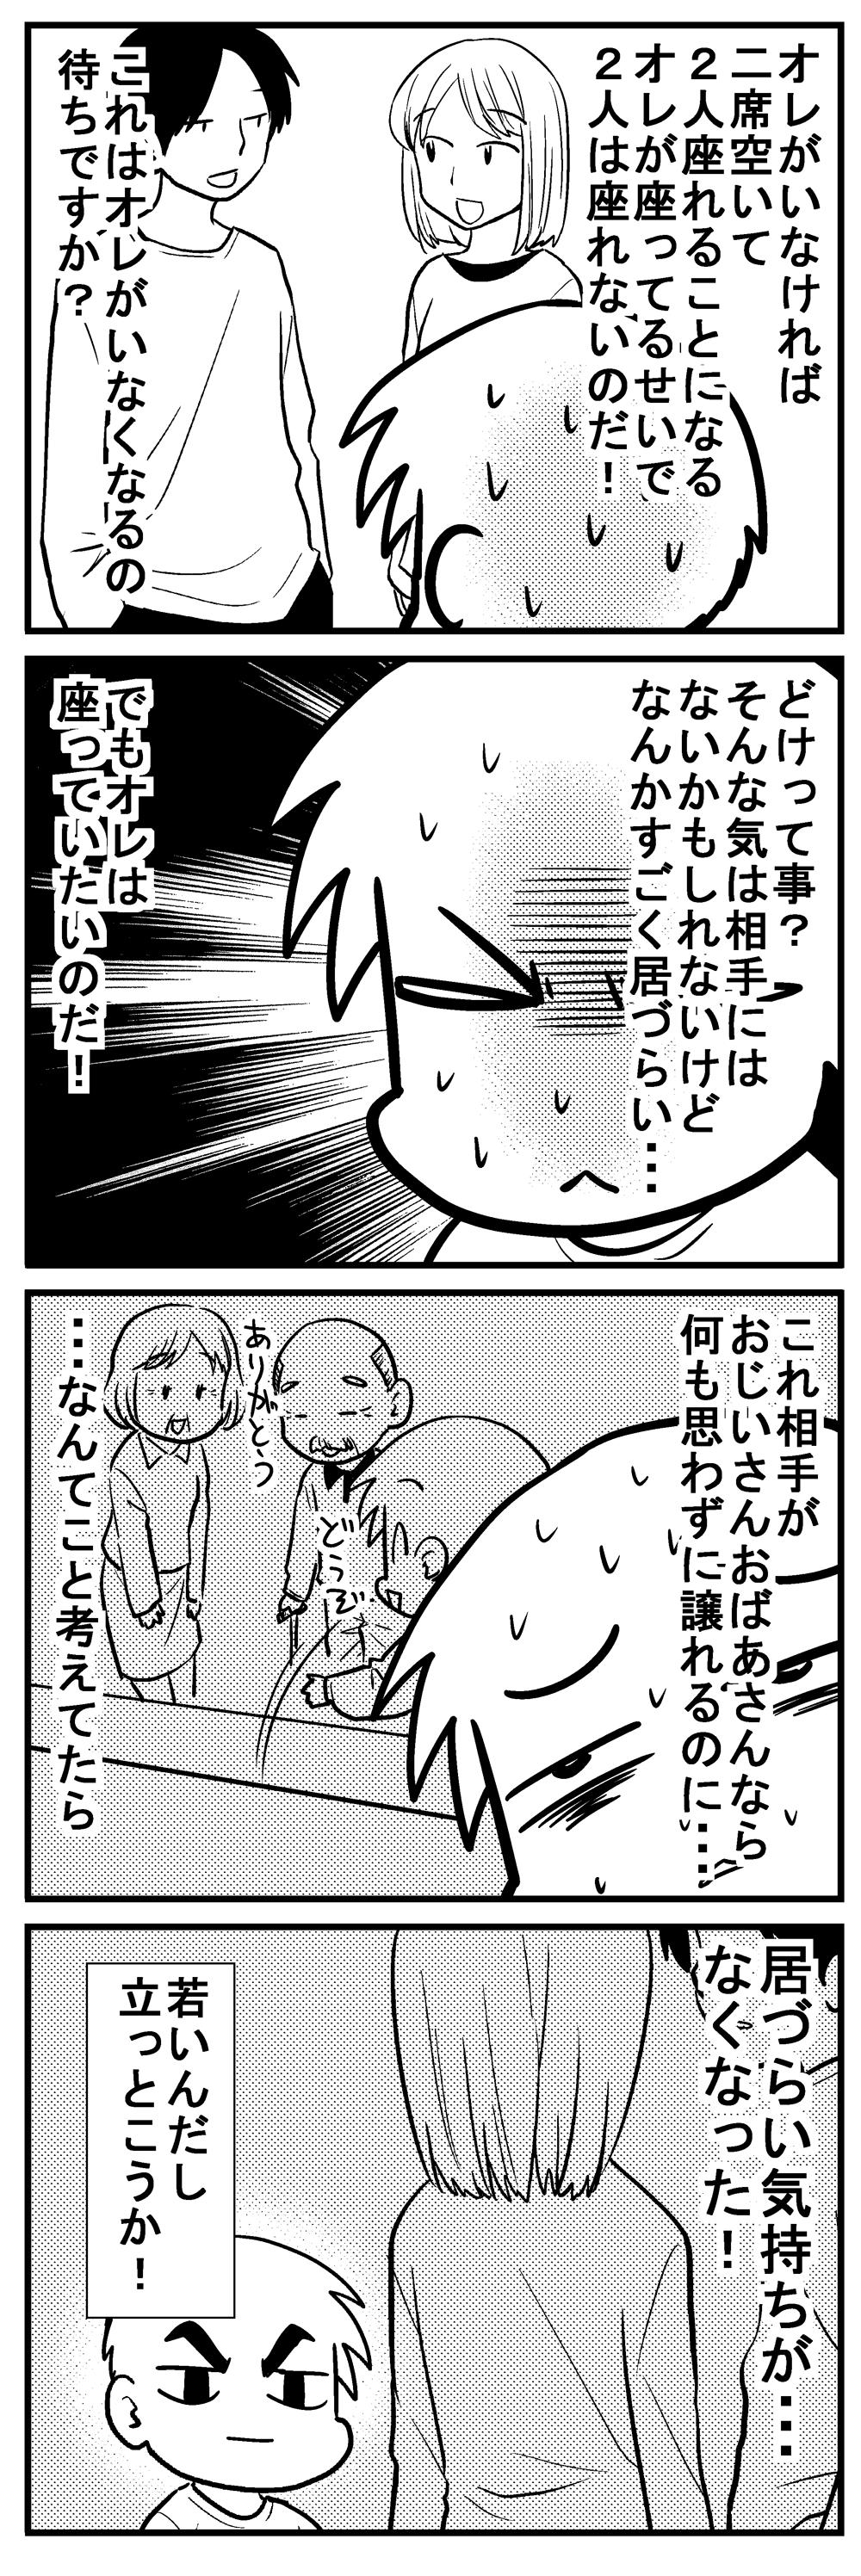 深読みくん111-2